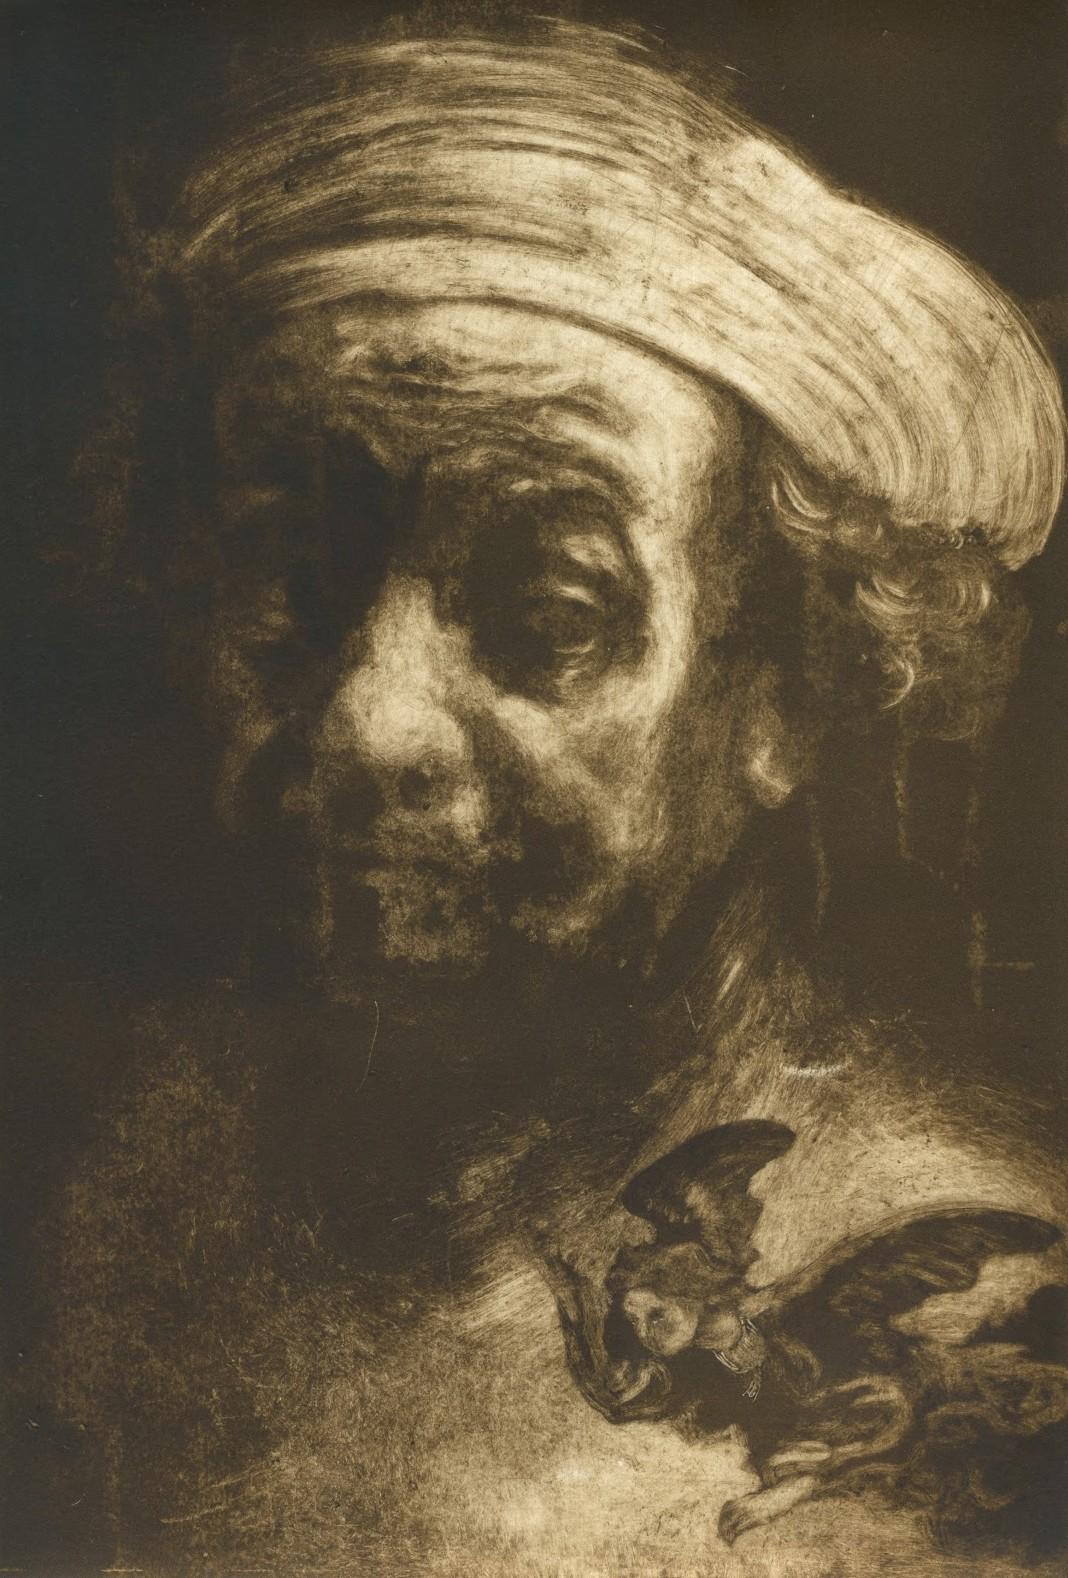 татуированные художники, Рембрандт